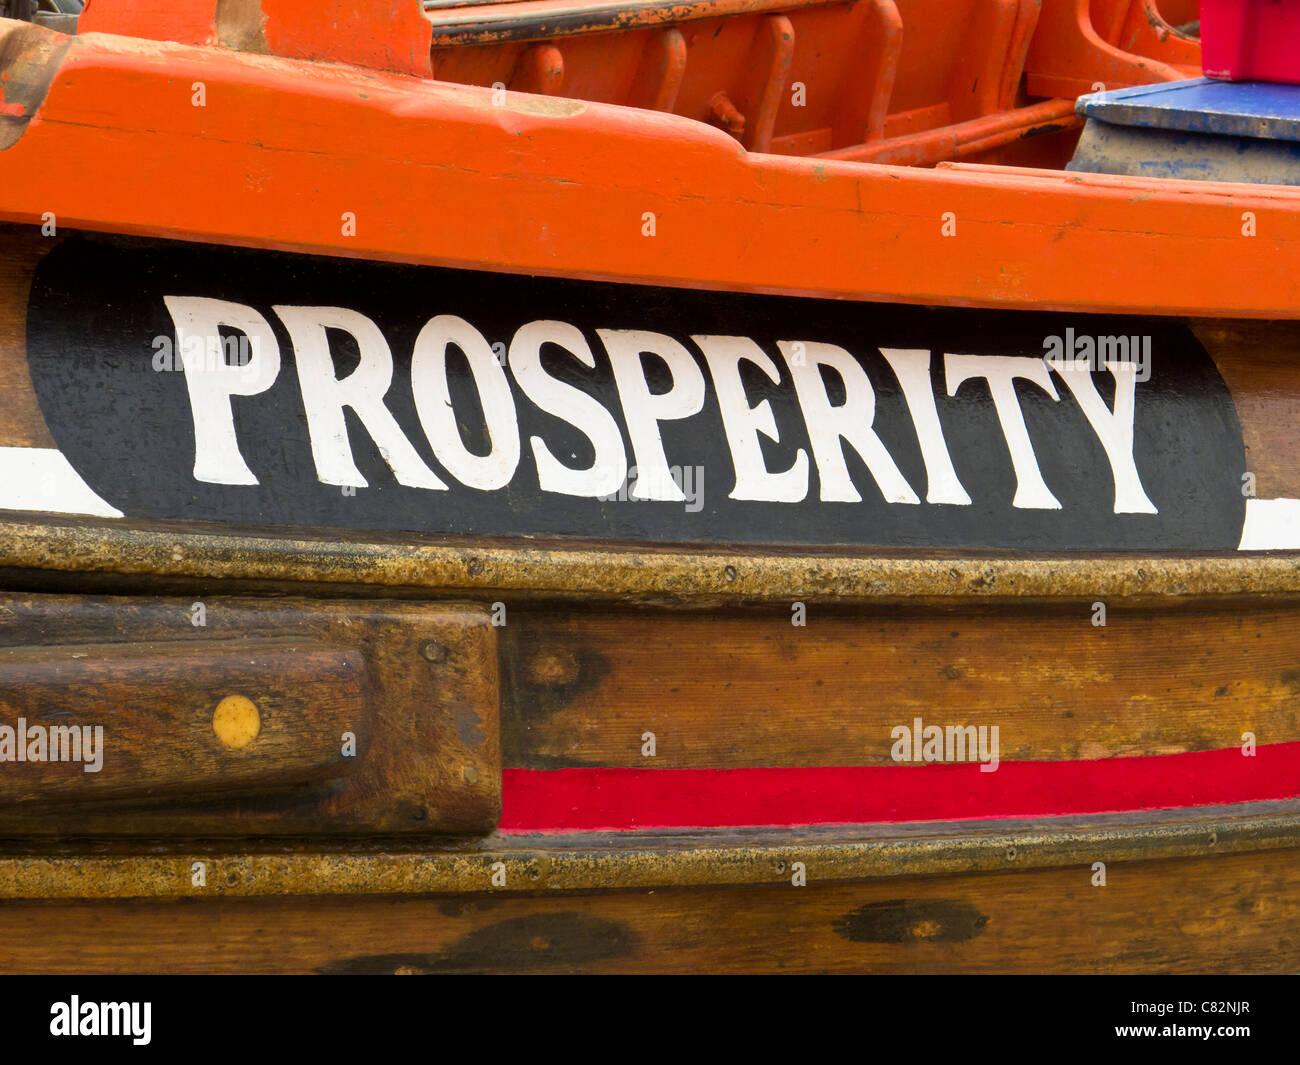 Wohlstand, der Name eines Fischerbootes, Flamborough, North Yorkshire Stockbild